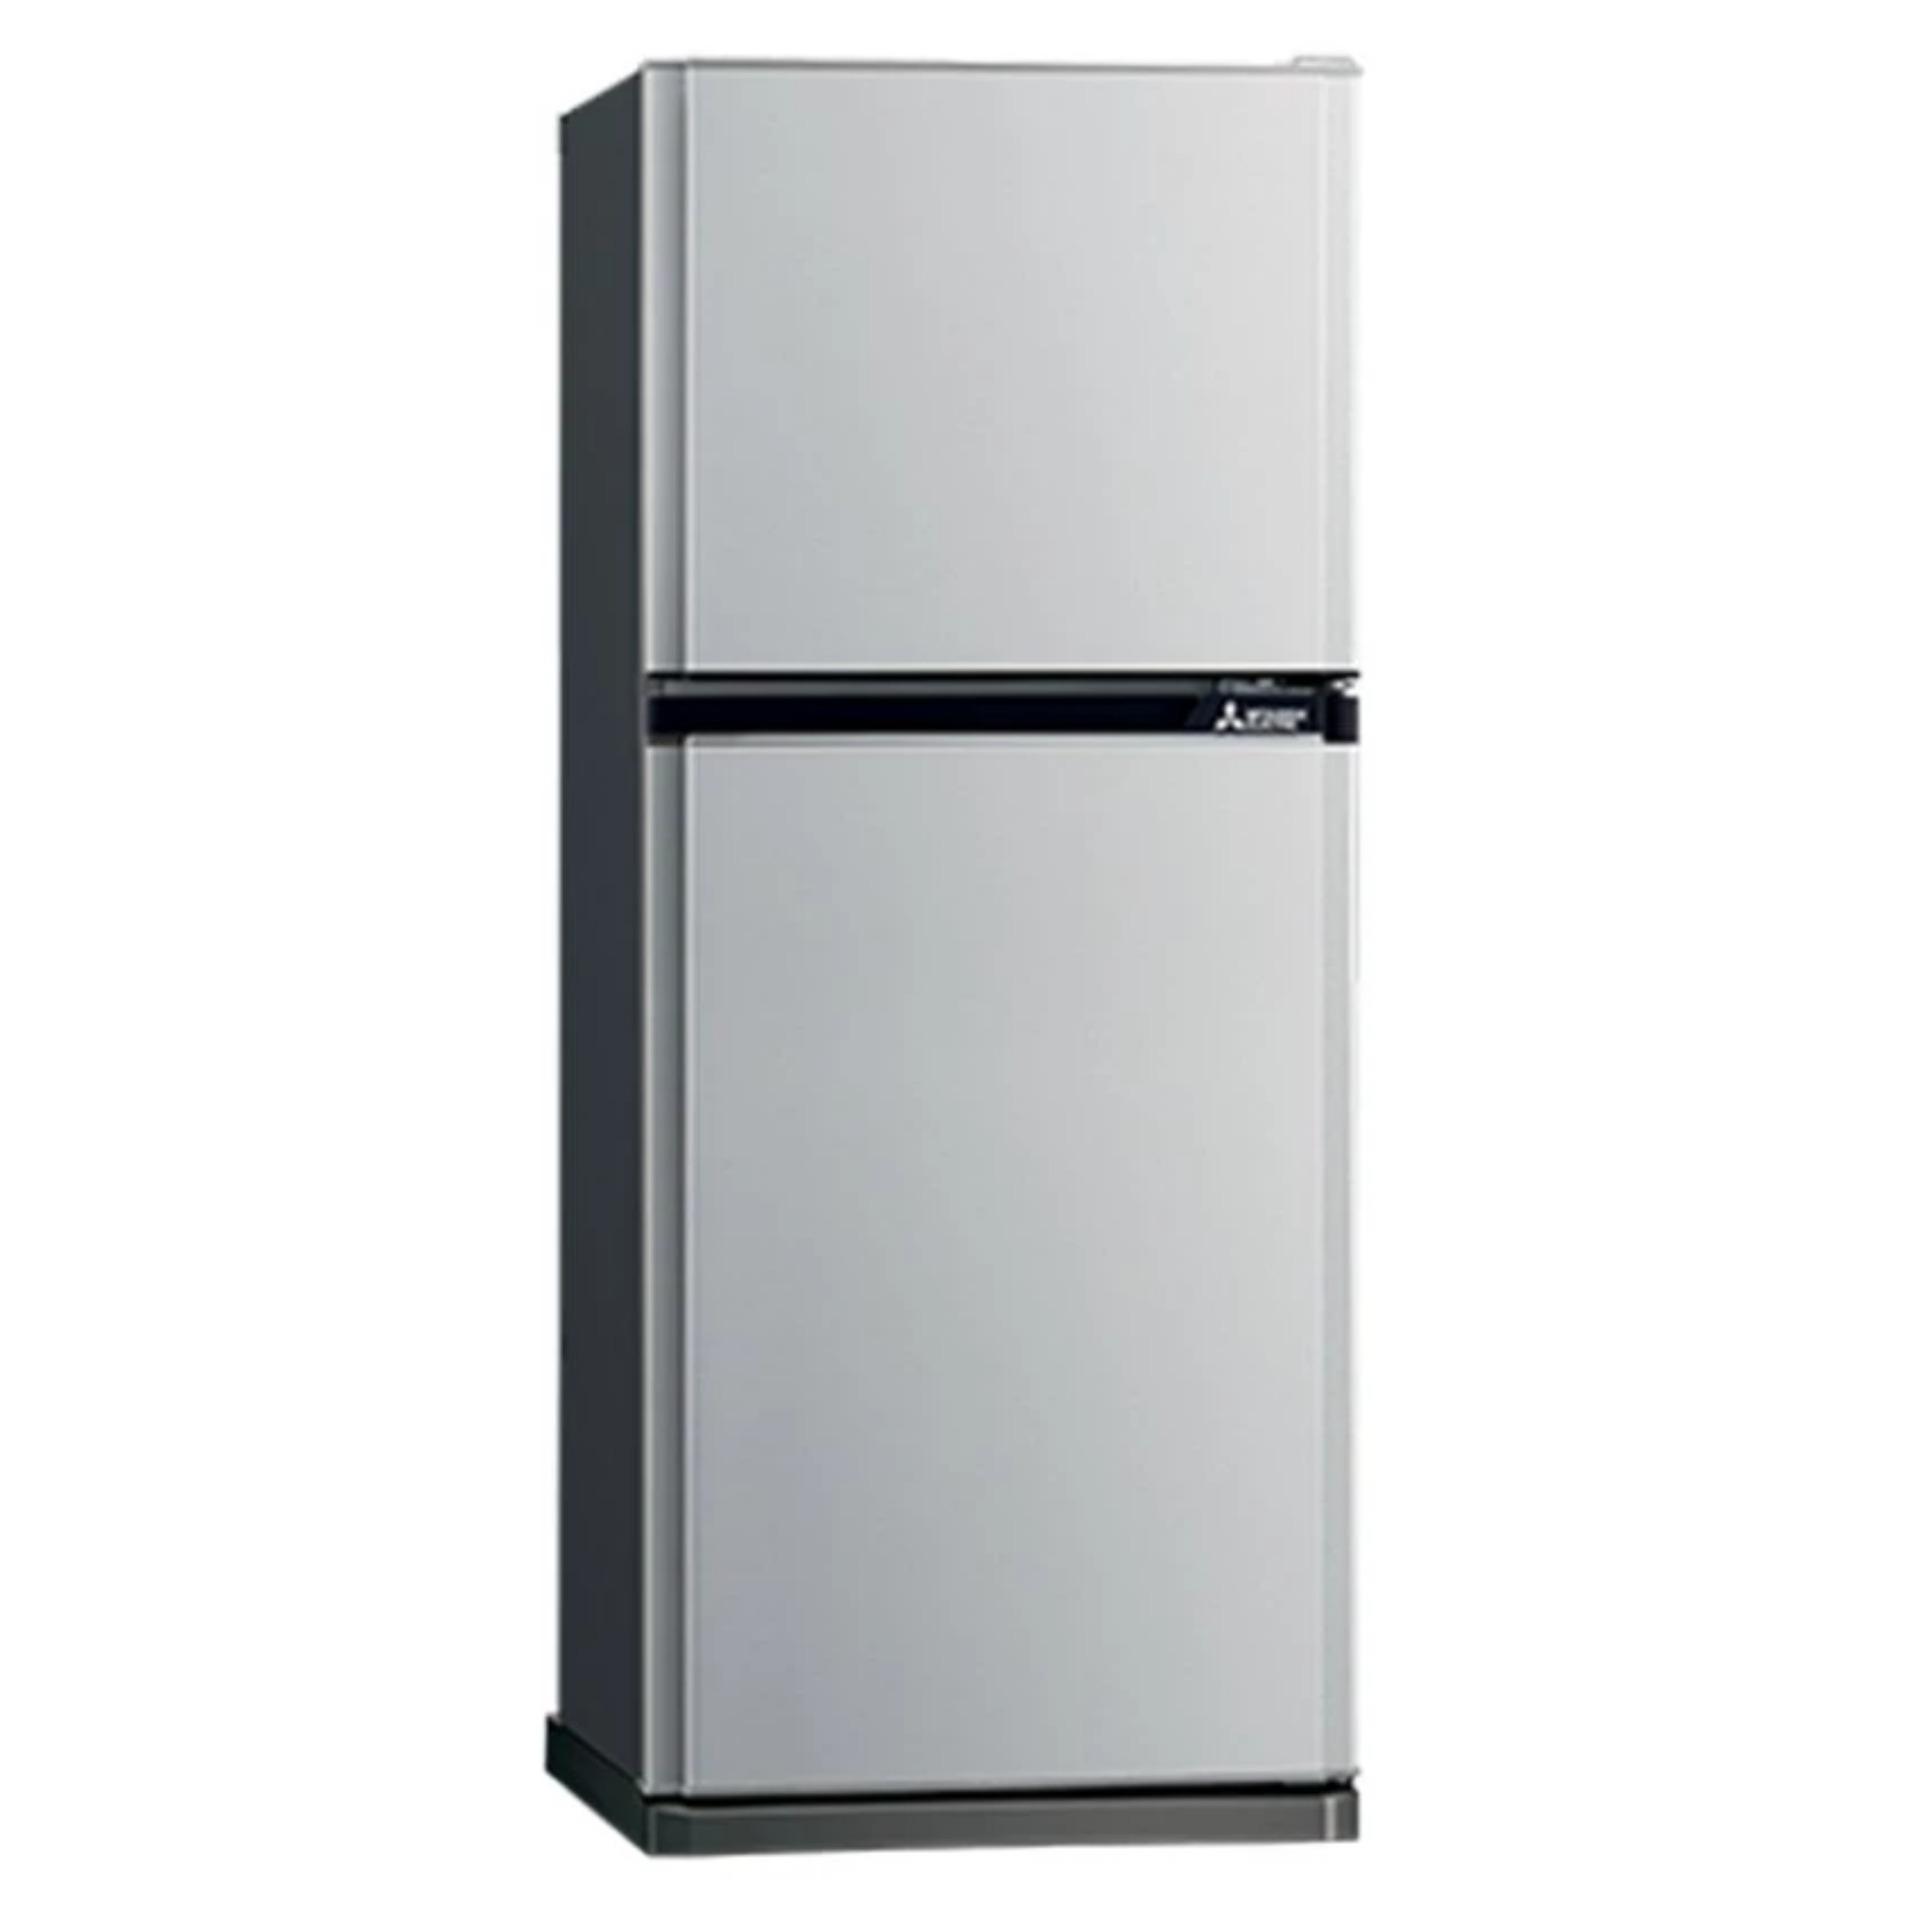 Tủ lạnh Mitsubishi MR-FV24J-SL-V (Bạc)